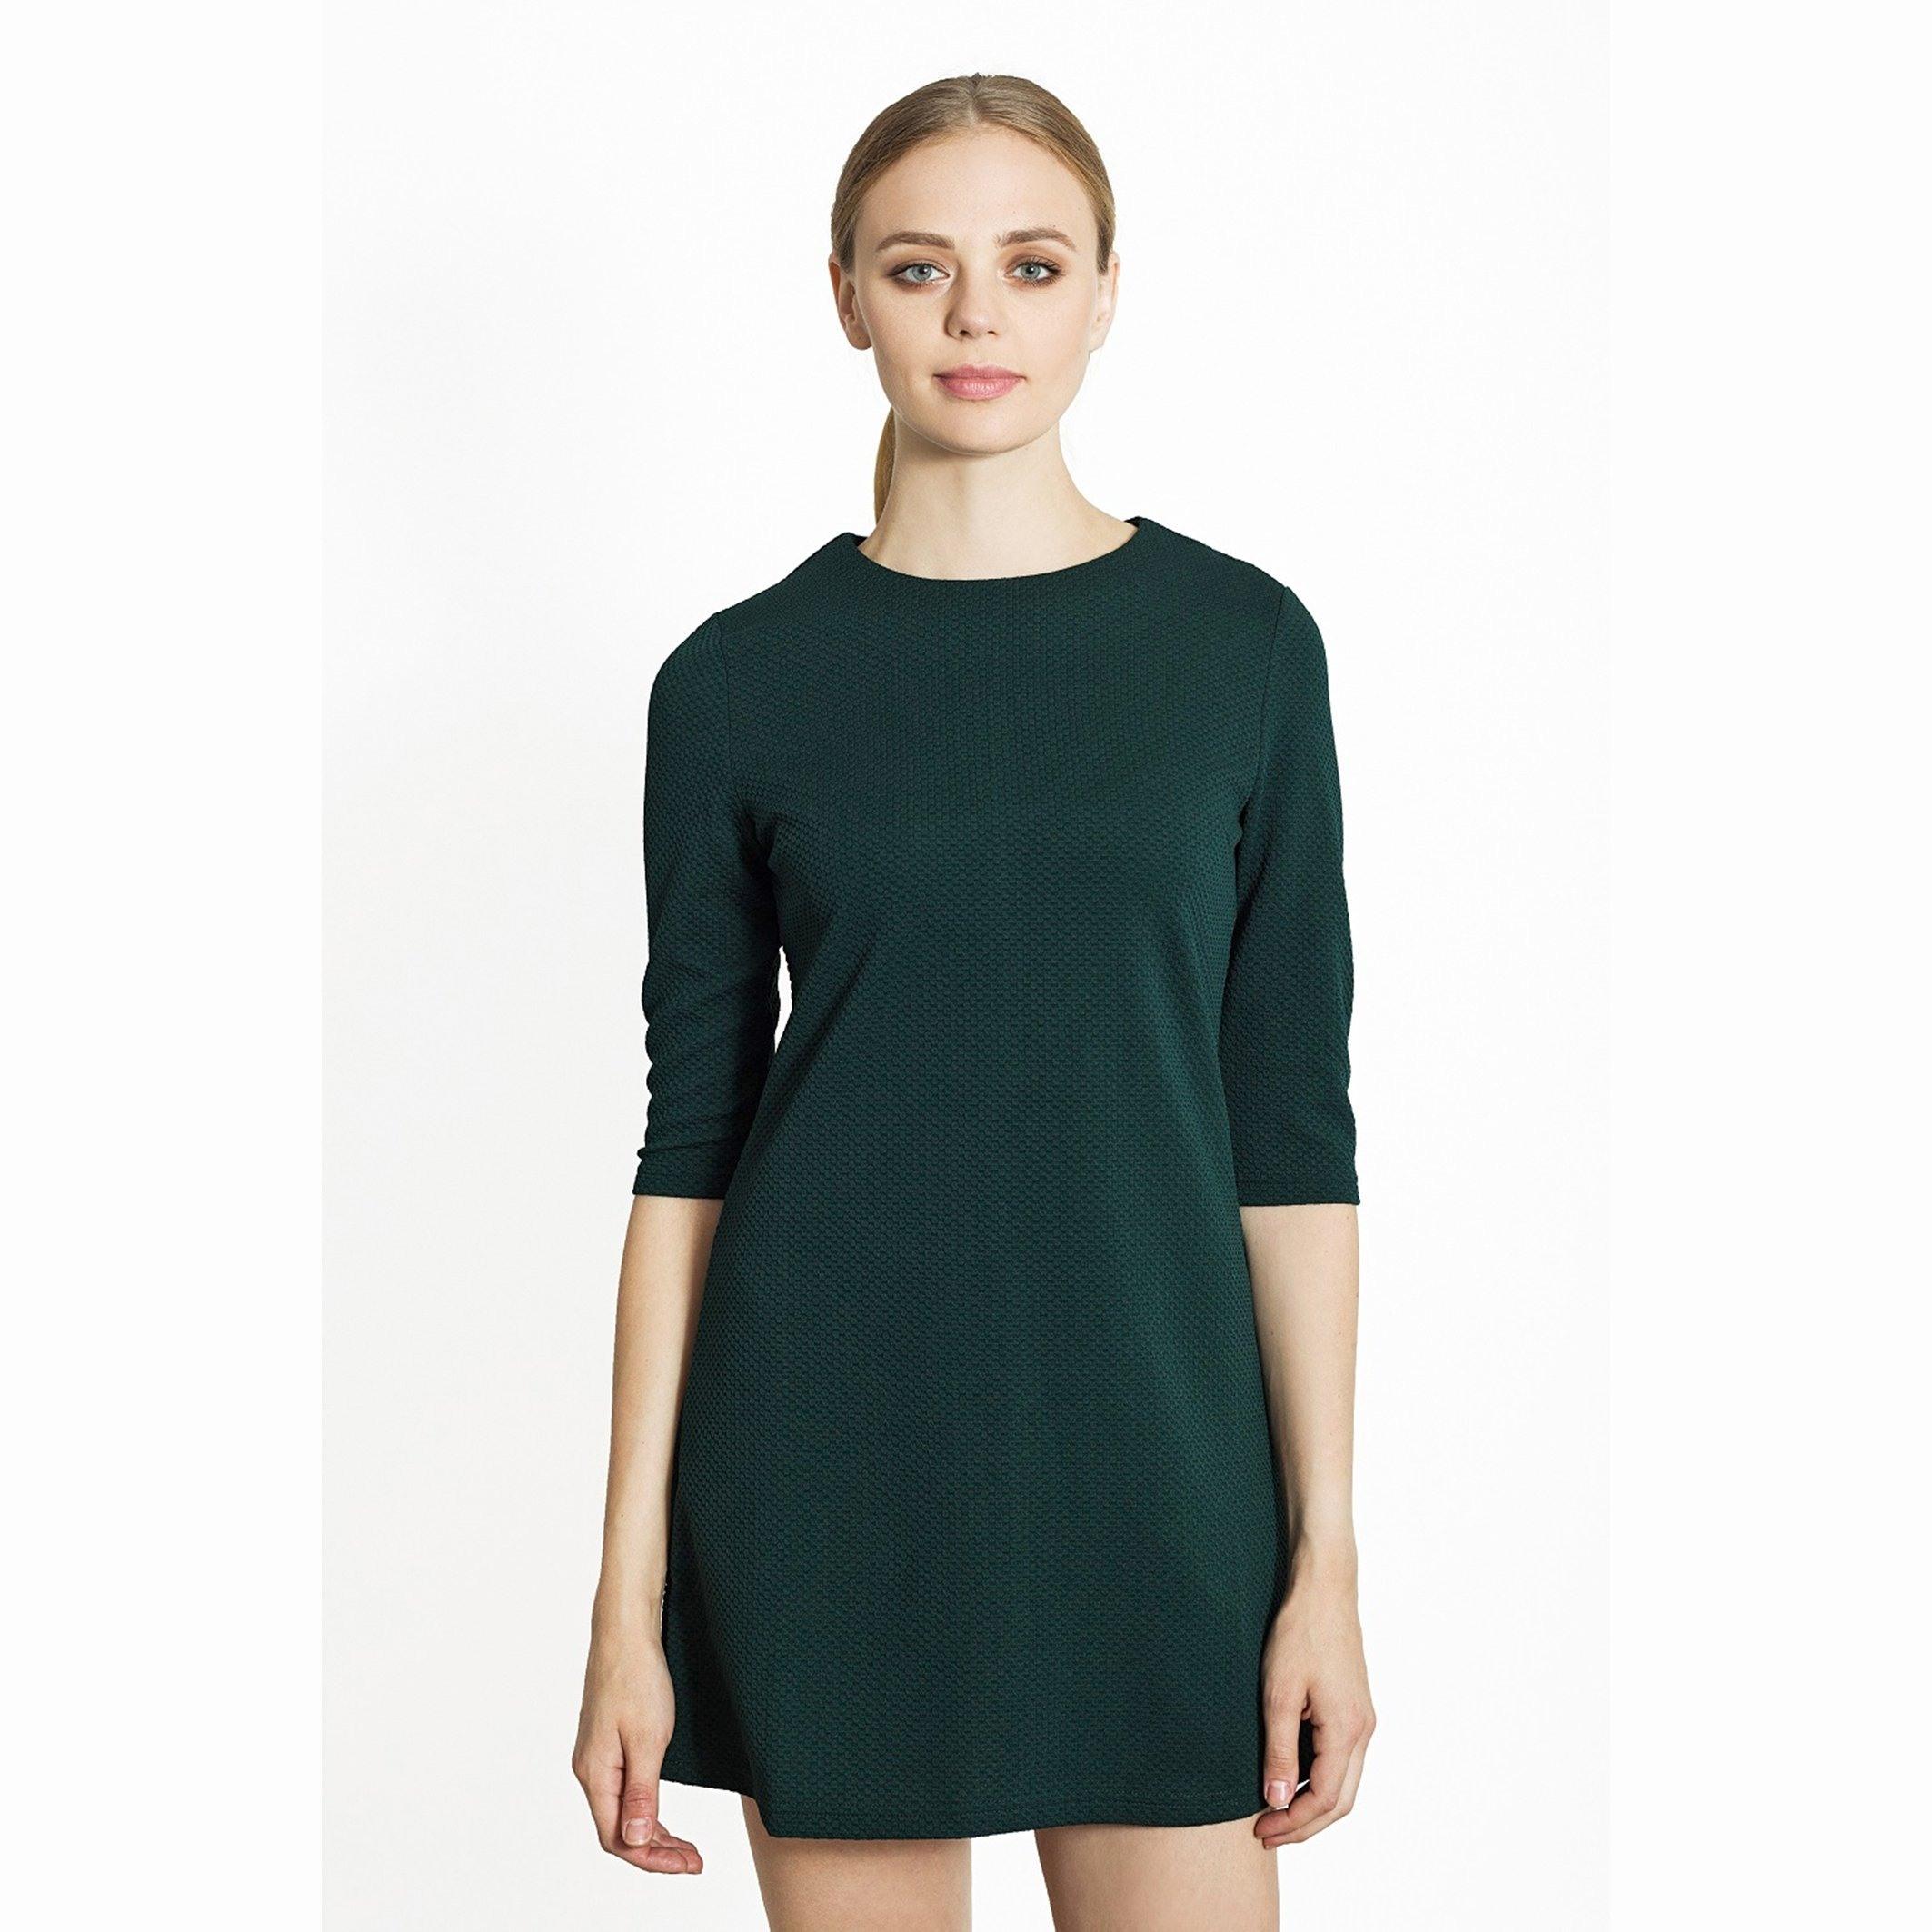 Abend Fantastisch Damen Kleid Grün Boutique10 Spektakulär Damen Kleid Grün Ärmel